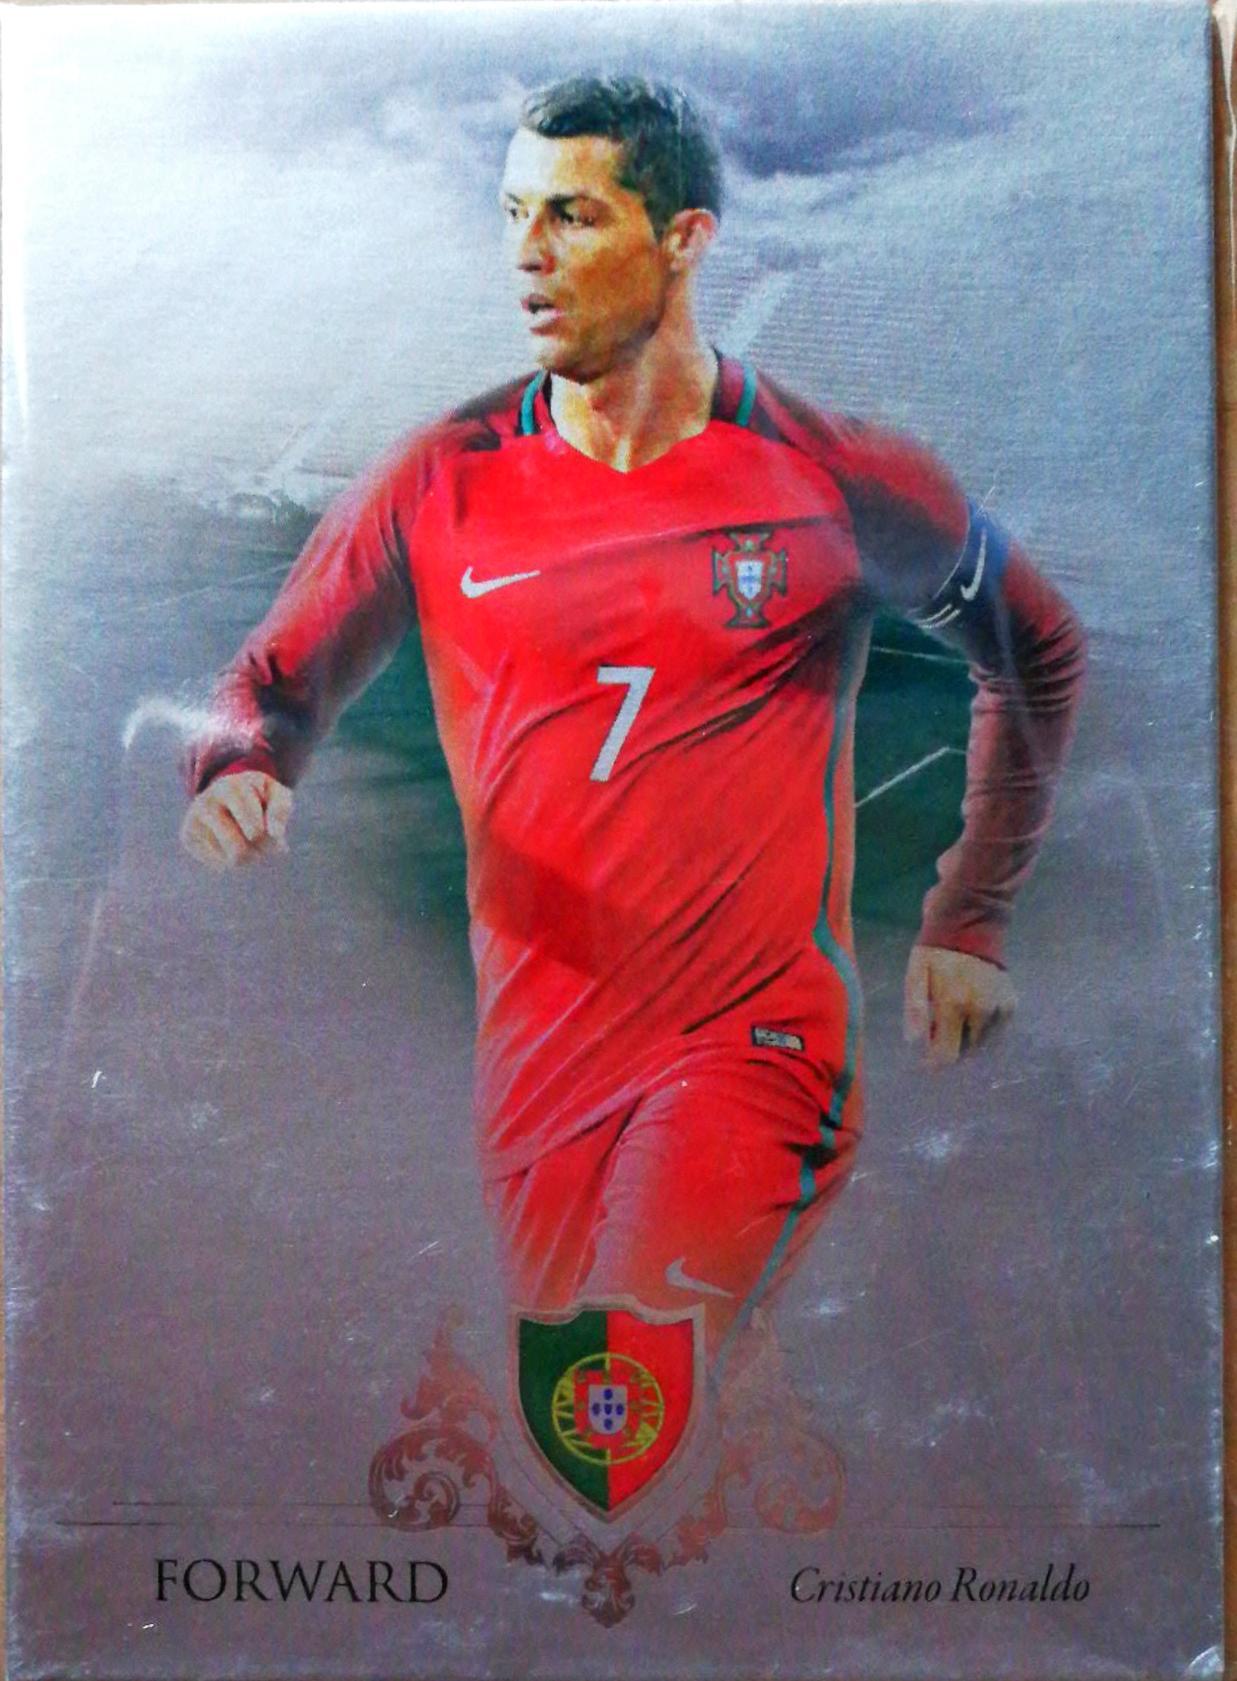 【自若清风】2016Futera世界足球Unique特制版球星卡Cristiano RonaldoC·罗纳尔多葡萄牙1/21NO.085基础卡特殊号